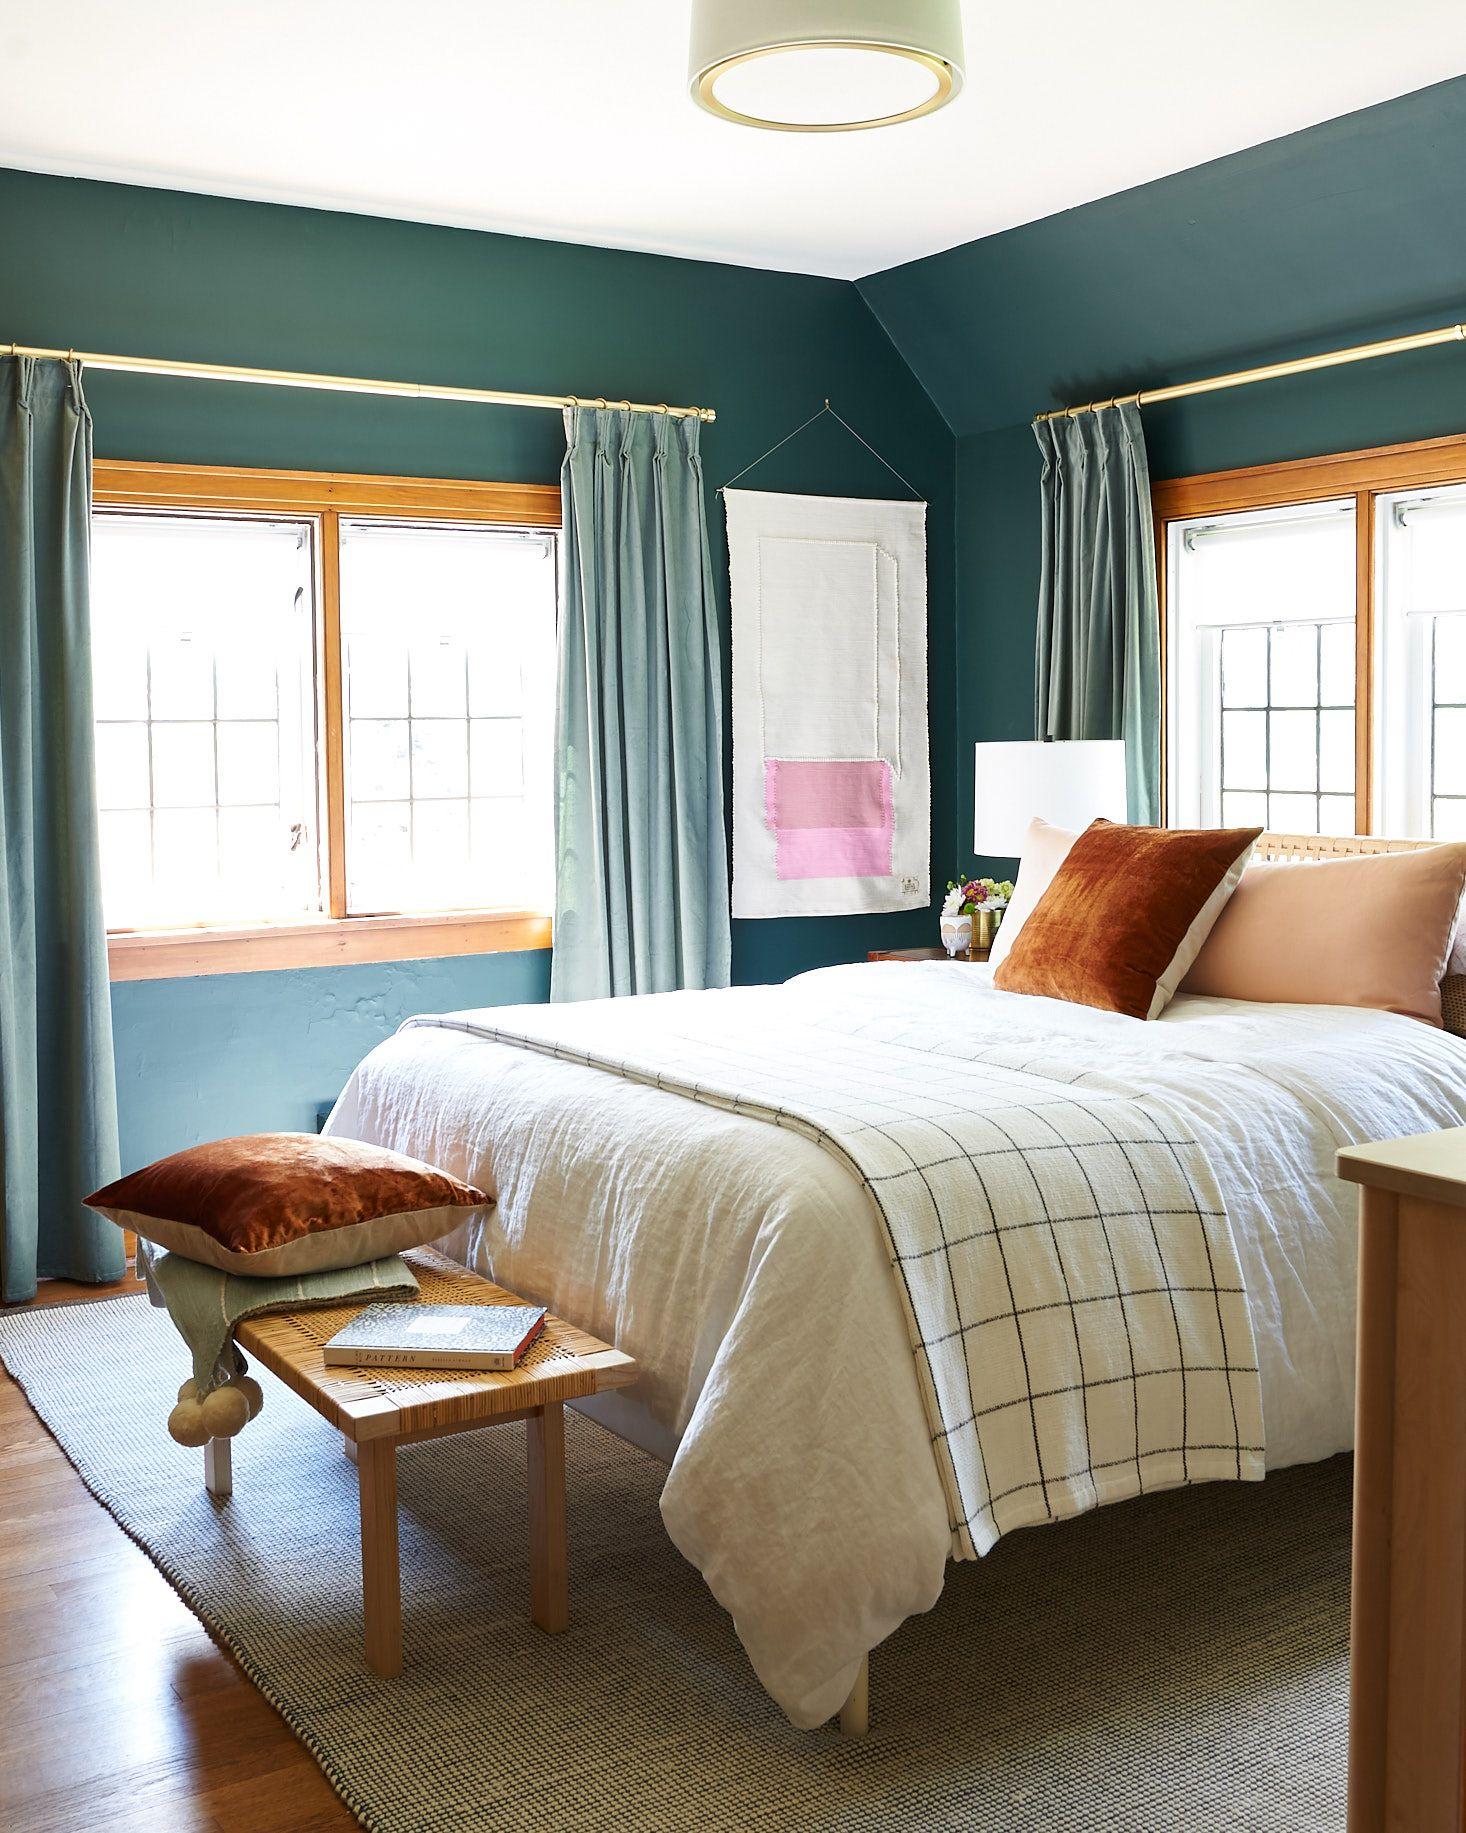 One Room Challenge Week 6: Guest Bedroom Reveal! - The Sweet Beast